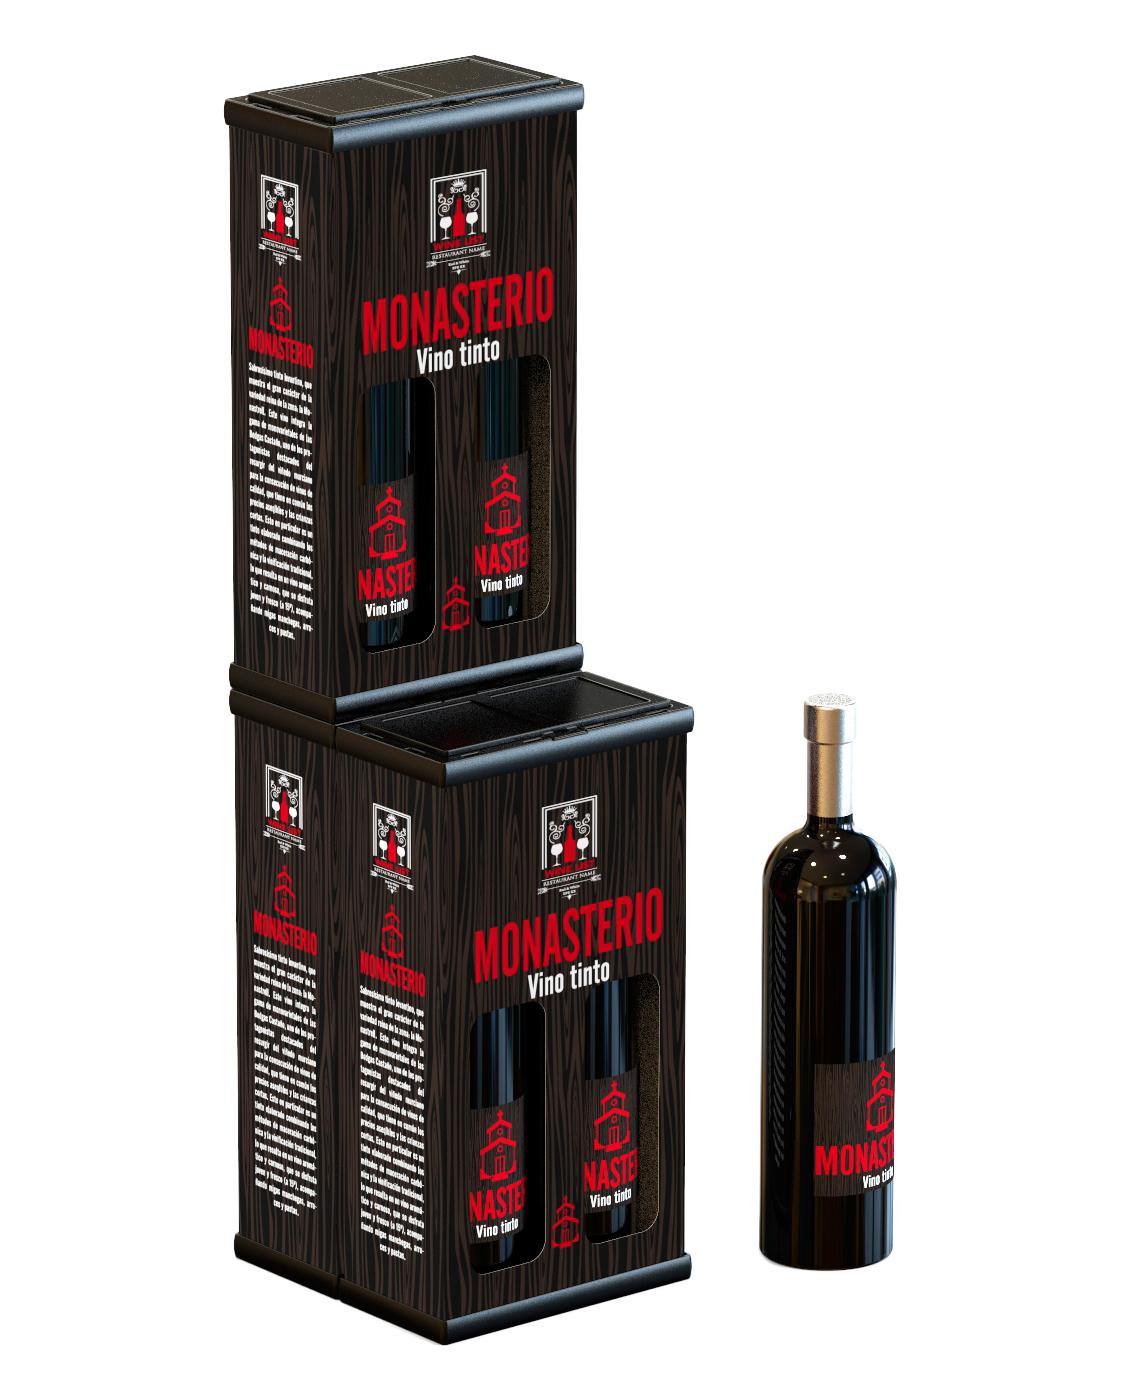 estucheria-vino-cajas-apiladas